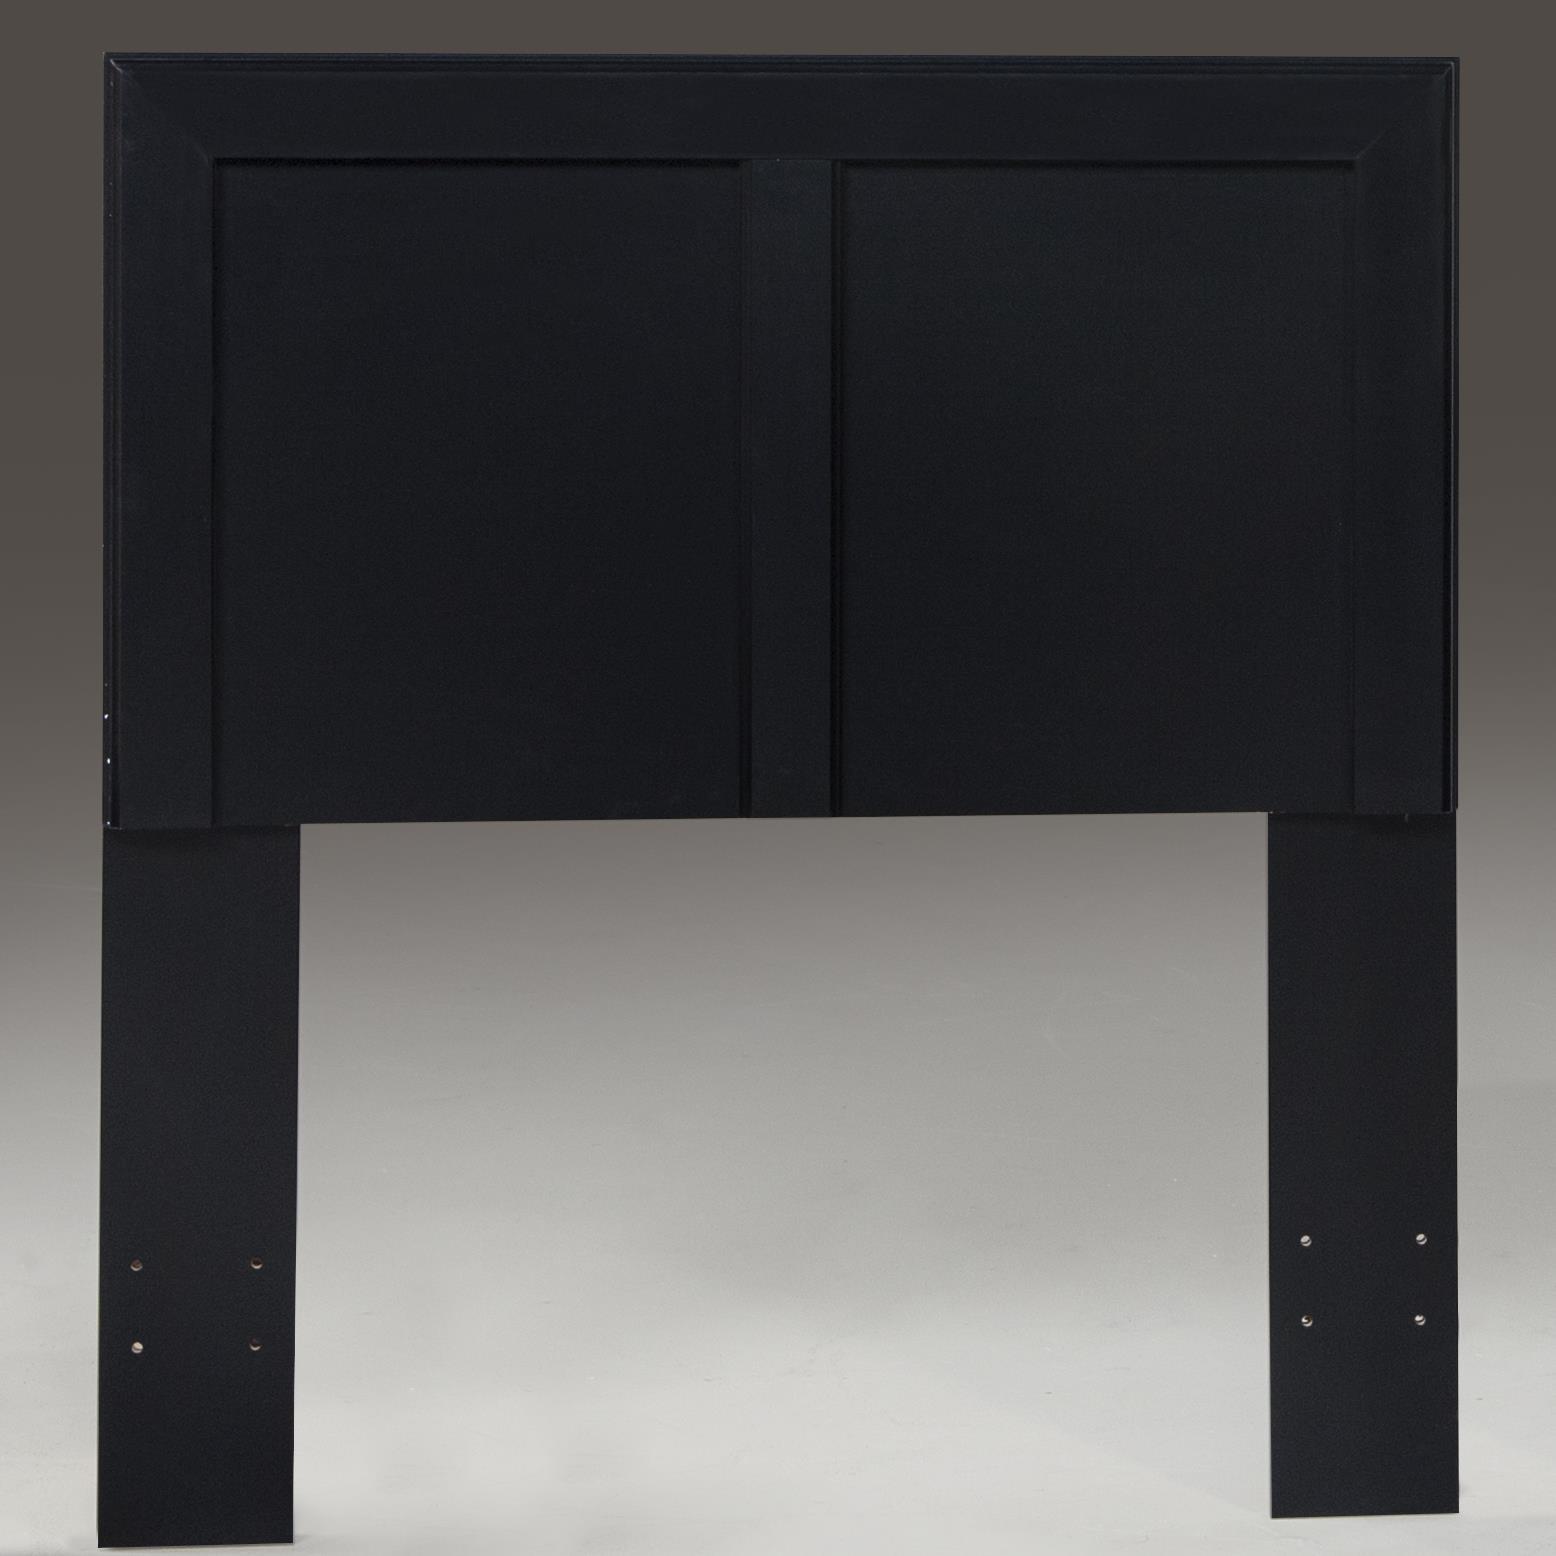 Kith Furniture 195 Black F/Q Headboard - Item Number: 195-53